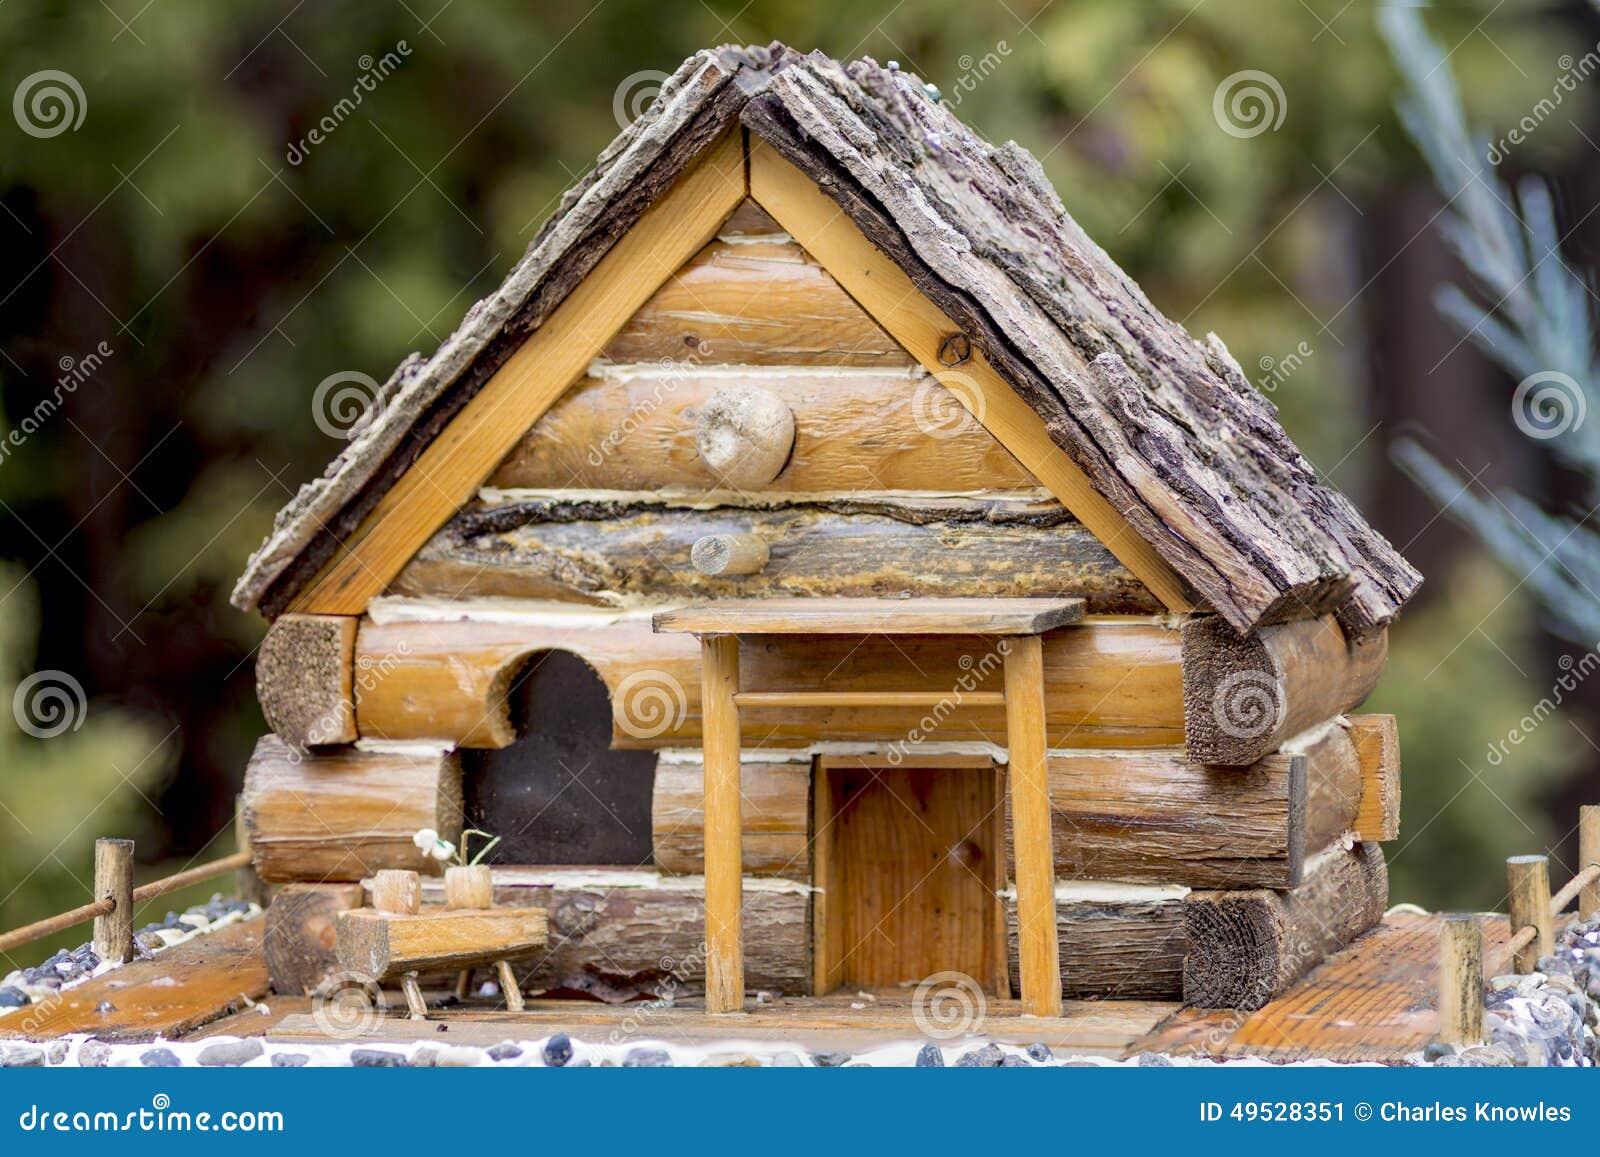 plan rapproch d 39 une petite maison pour des oiseaux photo stock image 49528351. Black Bedroom Furniture Sets. Home Design Ideas